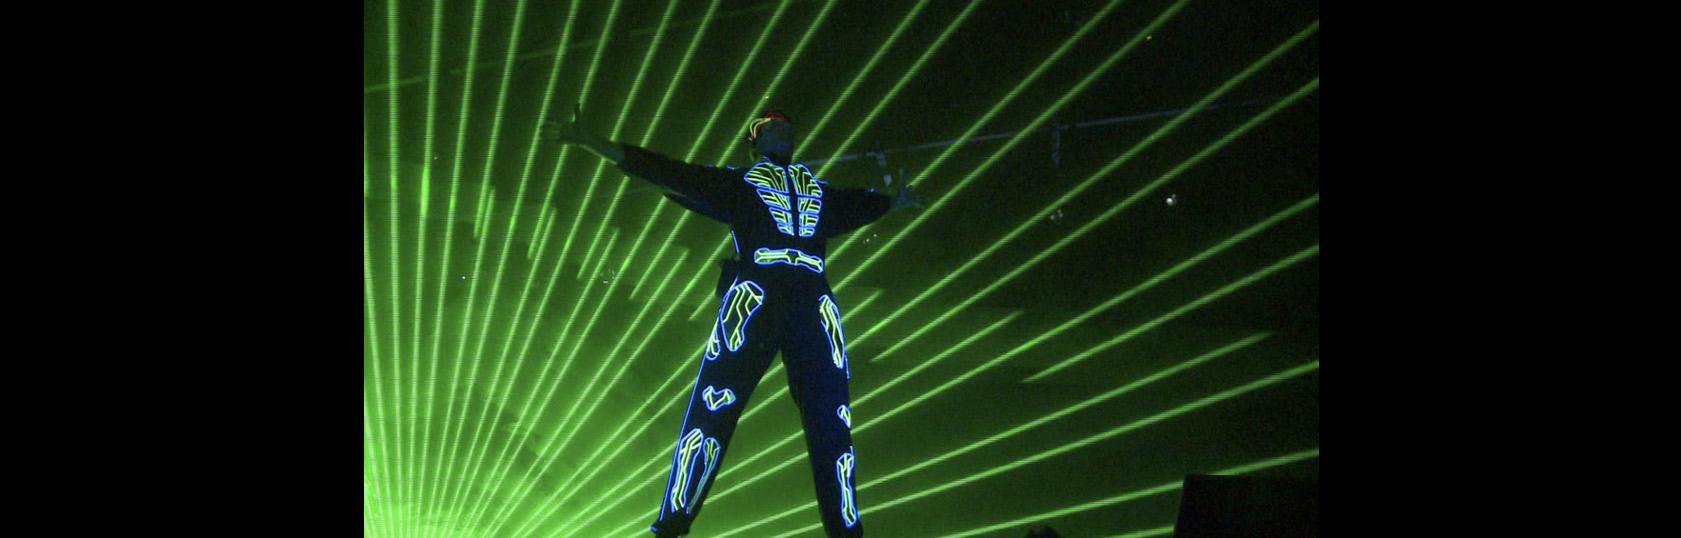 laserman-slide